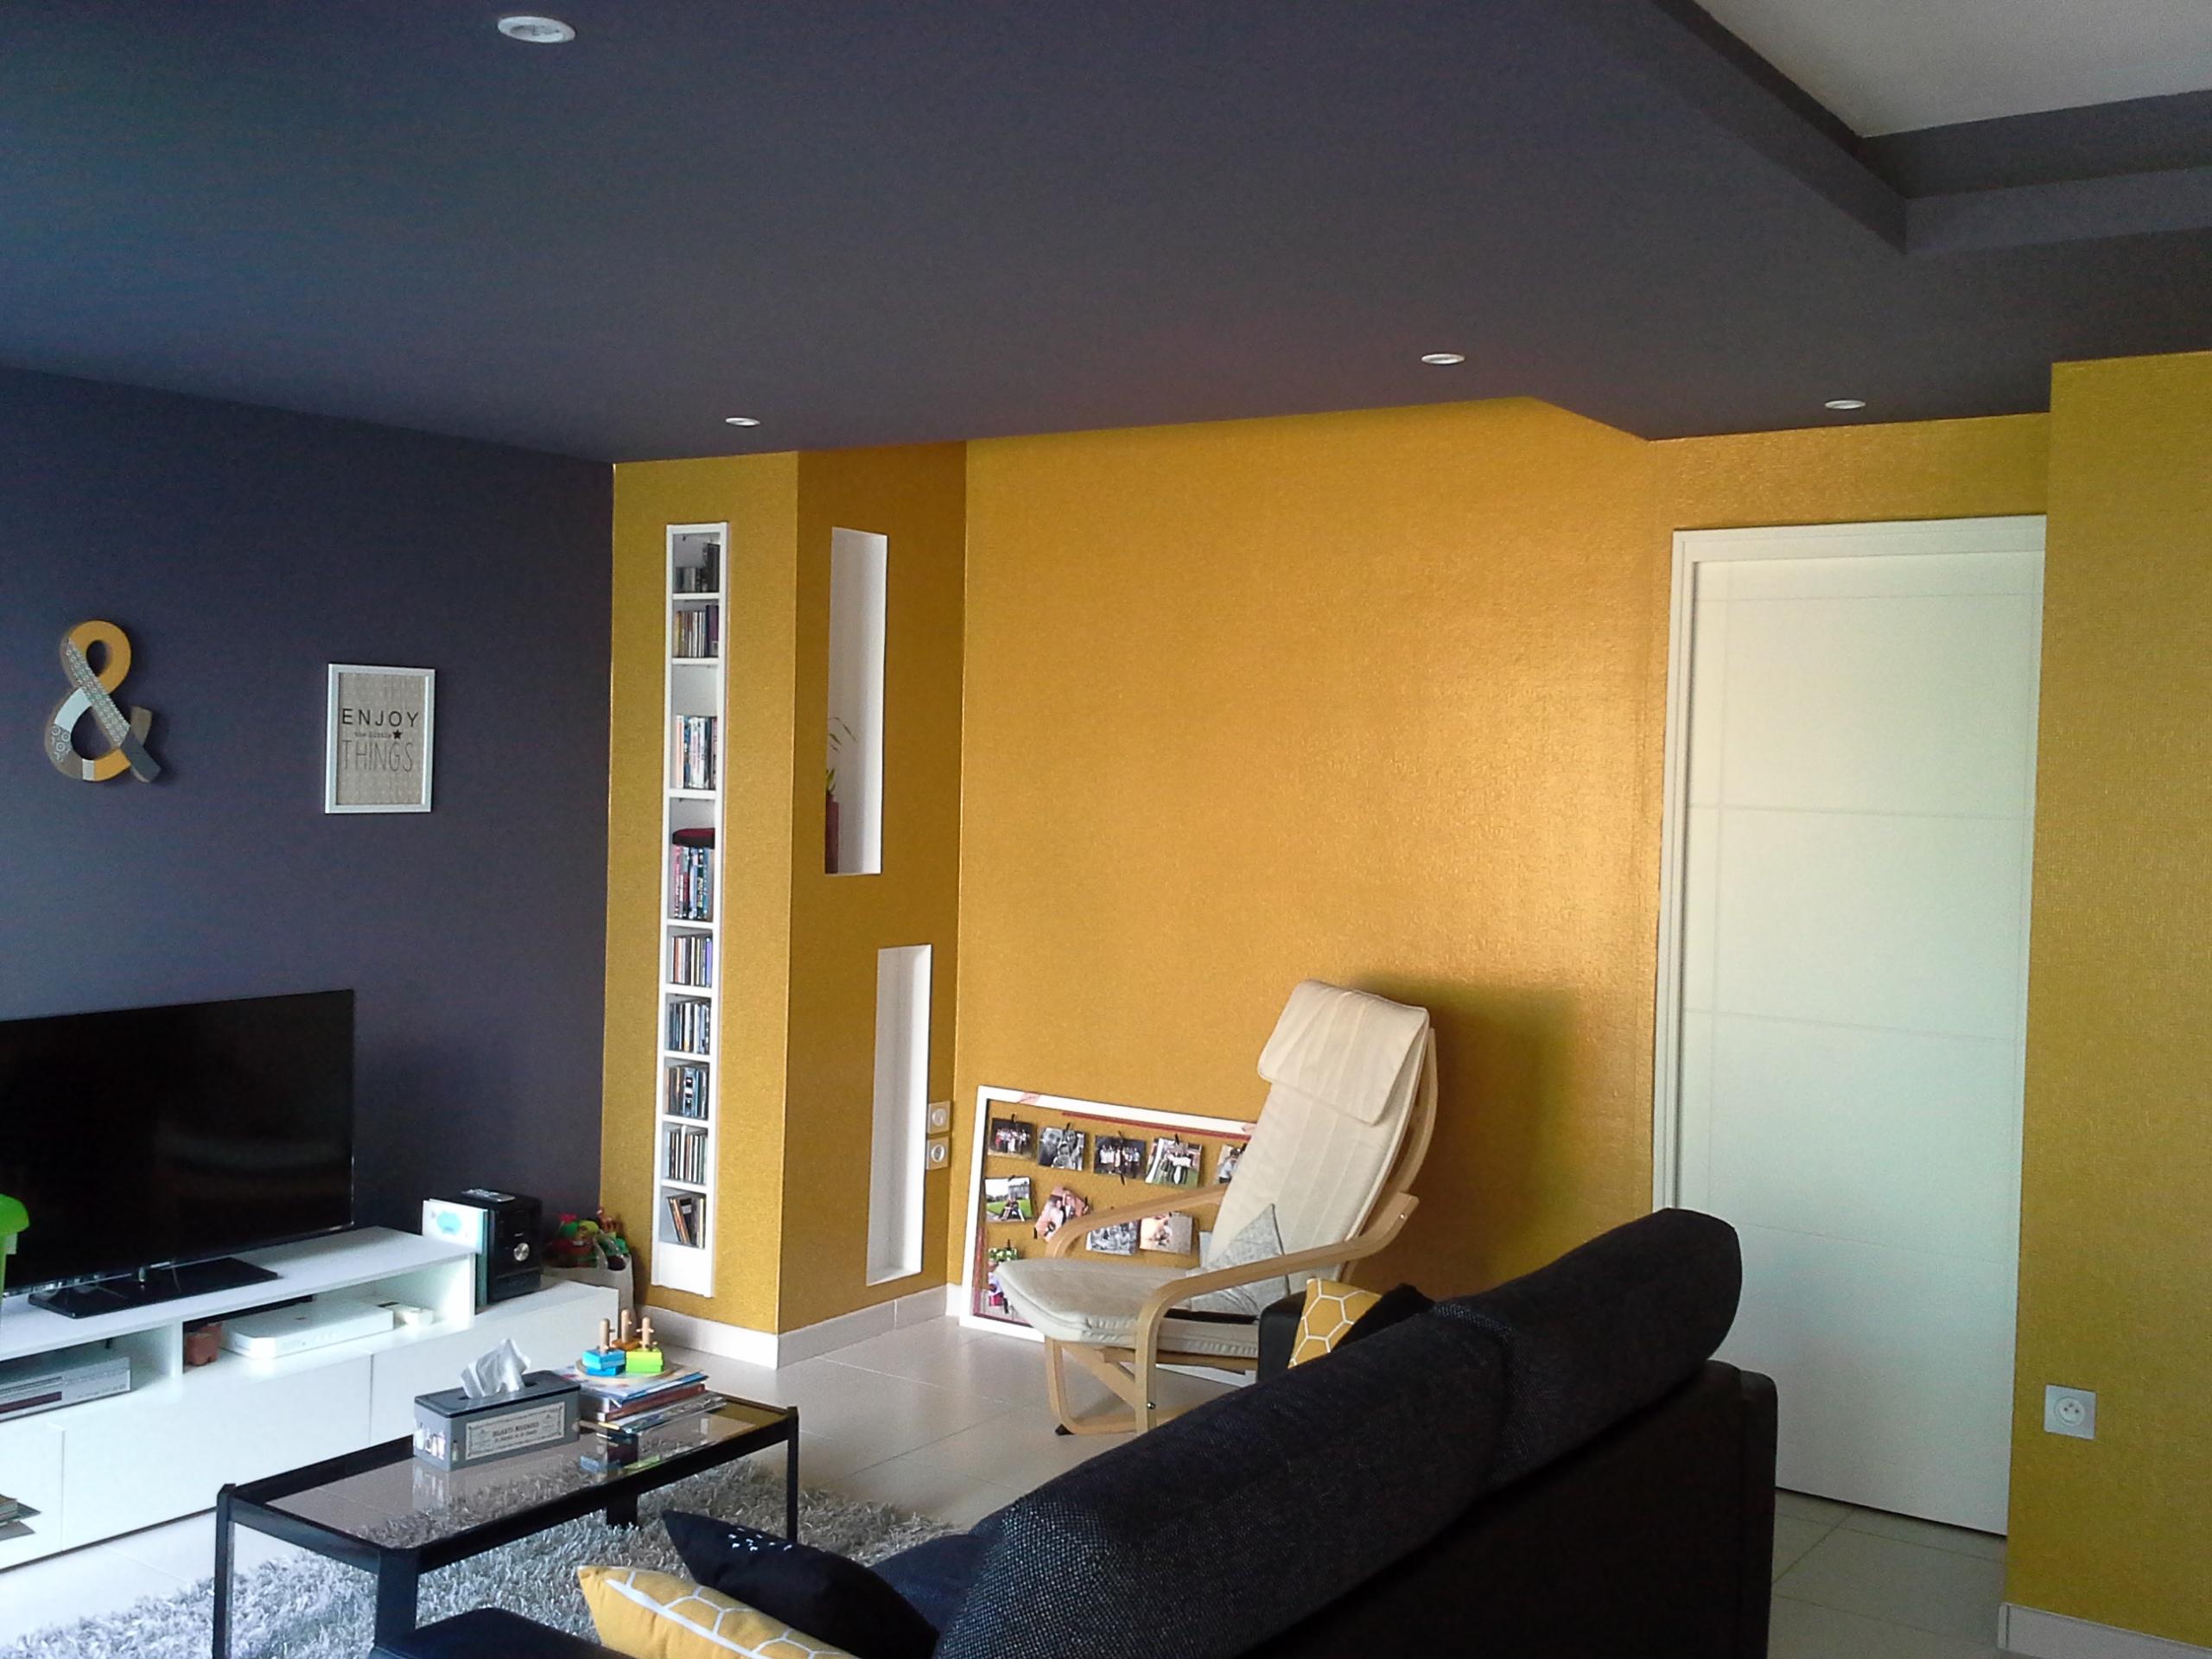 décoration d'intérieur - 2d architectes d'intérieur